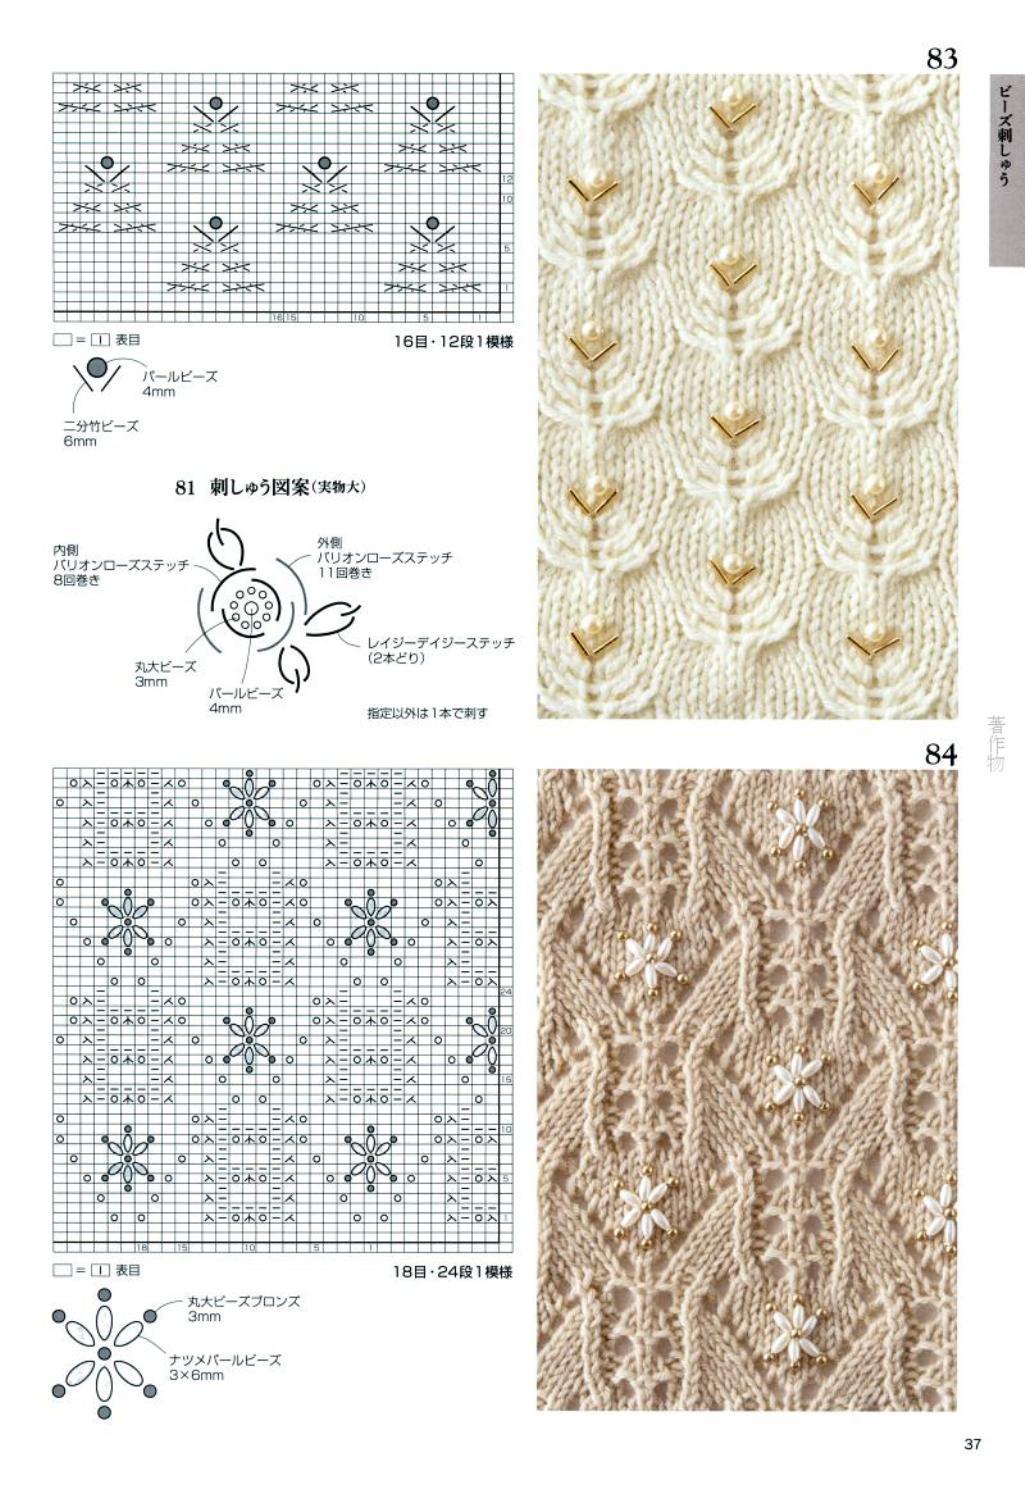 Японские ажурные узоры со схемами для сайта *Модное вязание у  Перчинки*,http://modnoevyazanie.ru.com/